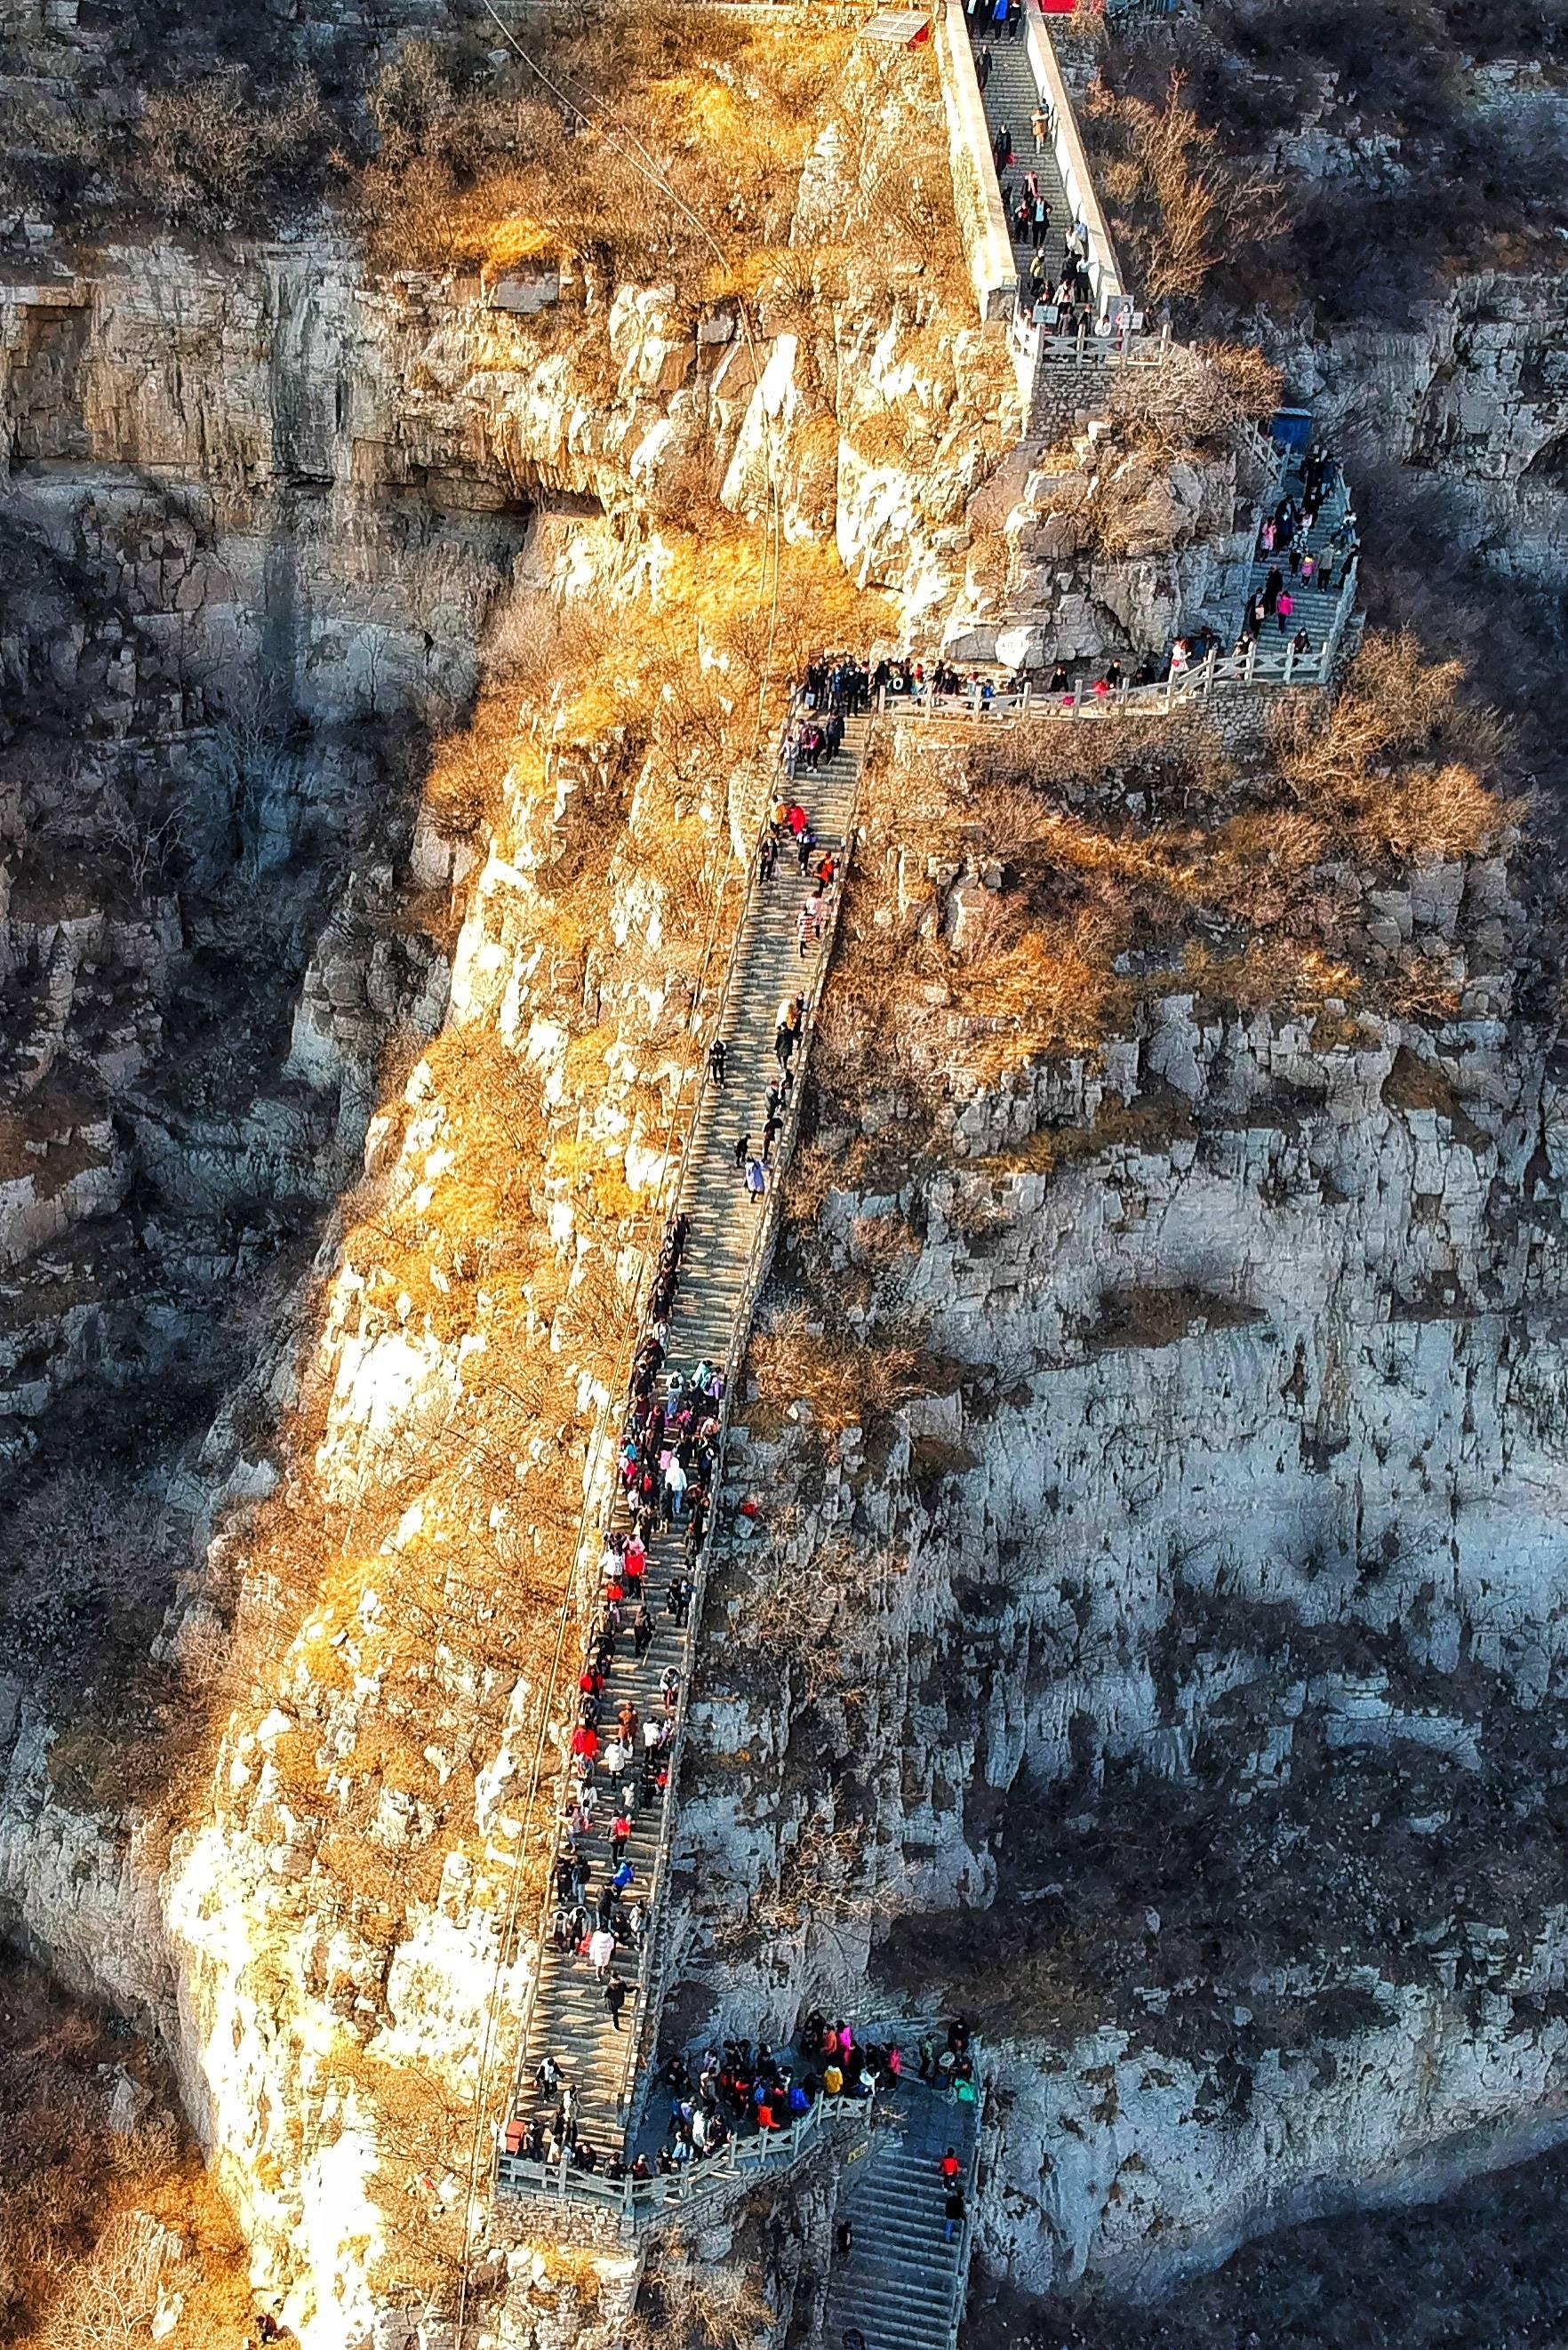 原创             河北也有好风景,悬崖上的古战场,石家庄人17分钟登顶,也太牛了